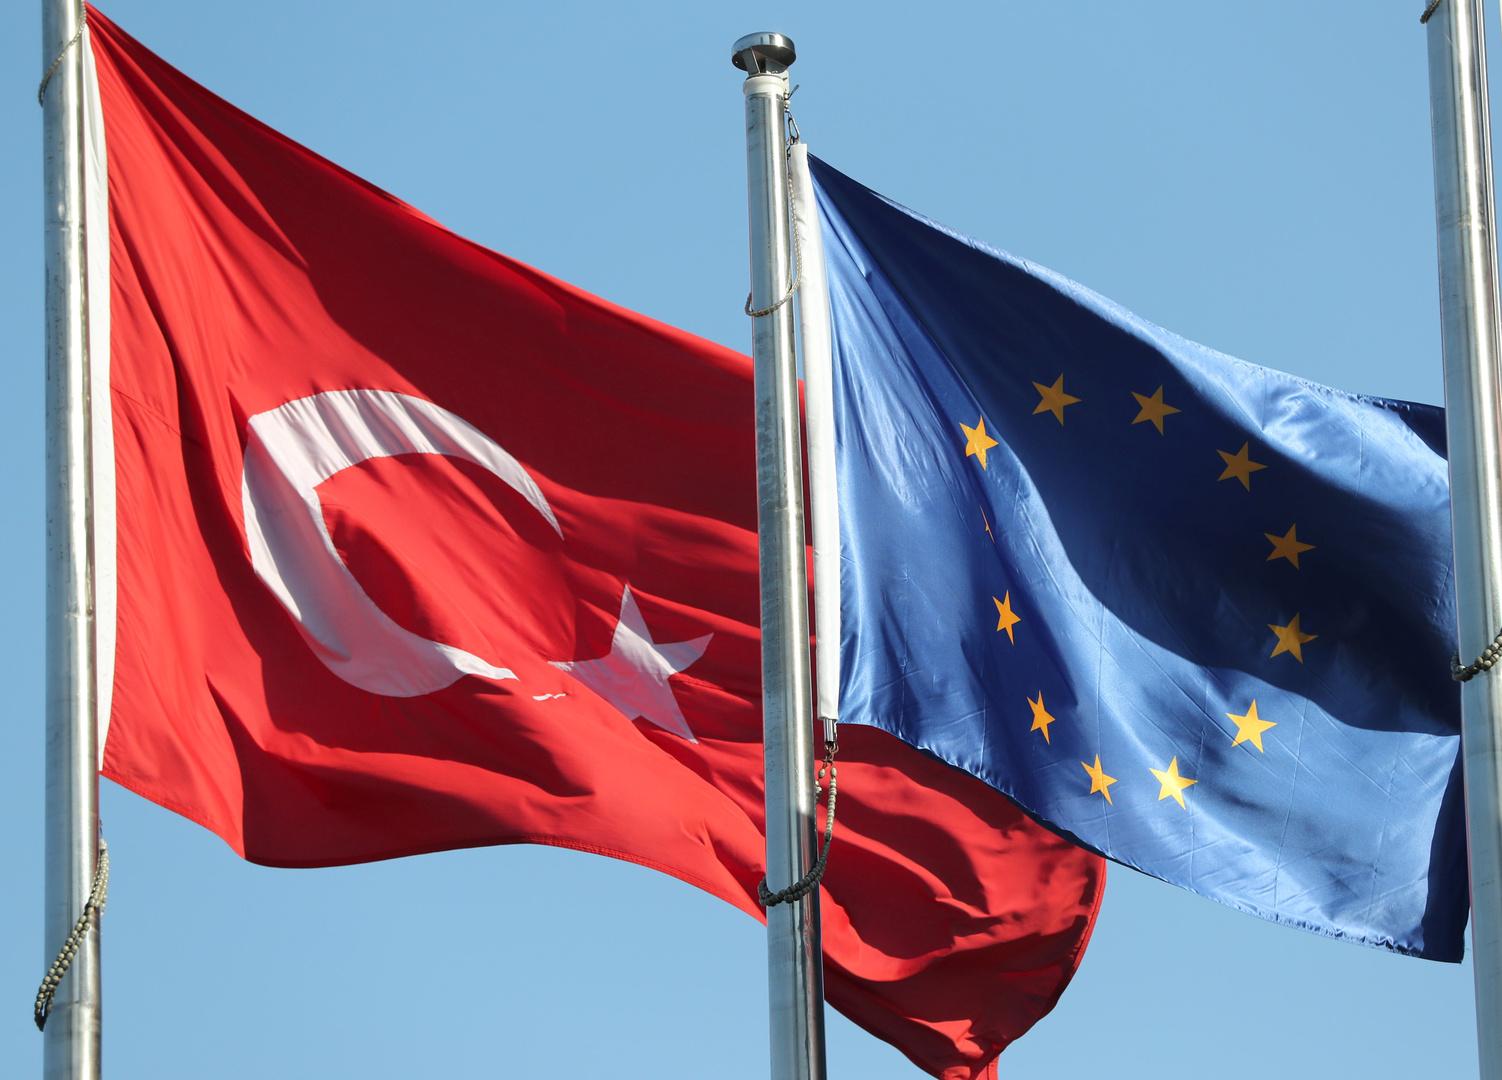 فون دير لاين تجدد رفض الاتحاد الأوروبي لحل الدولتين المقترح من تركيا في قبرص